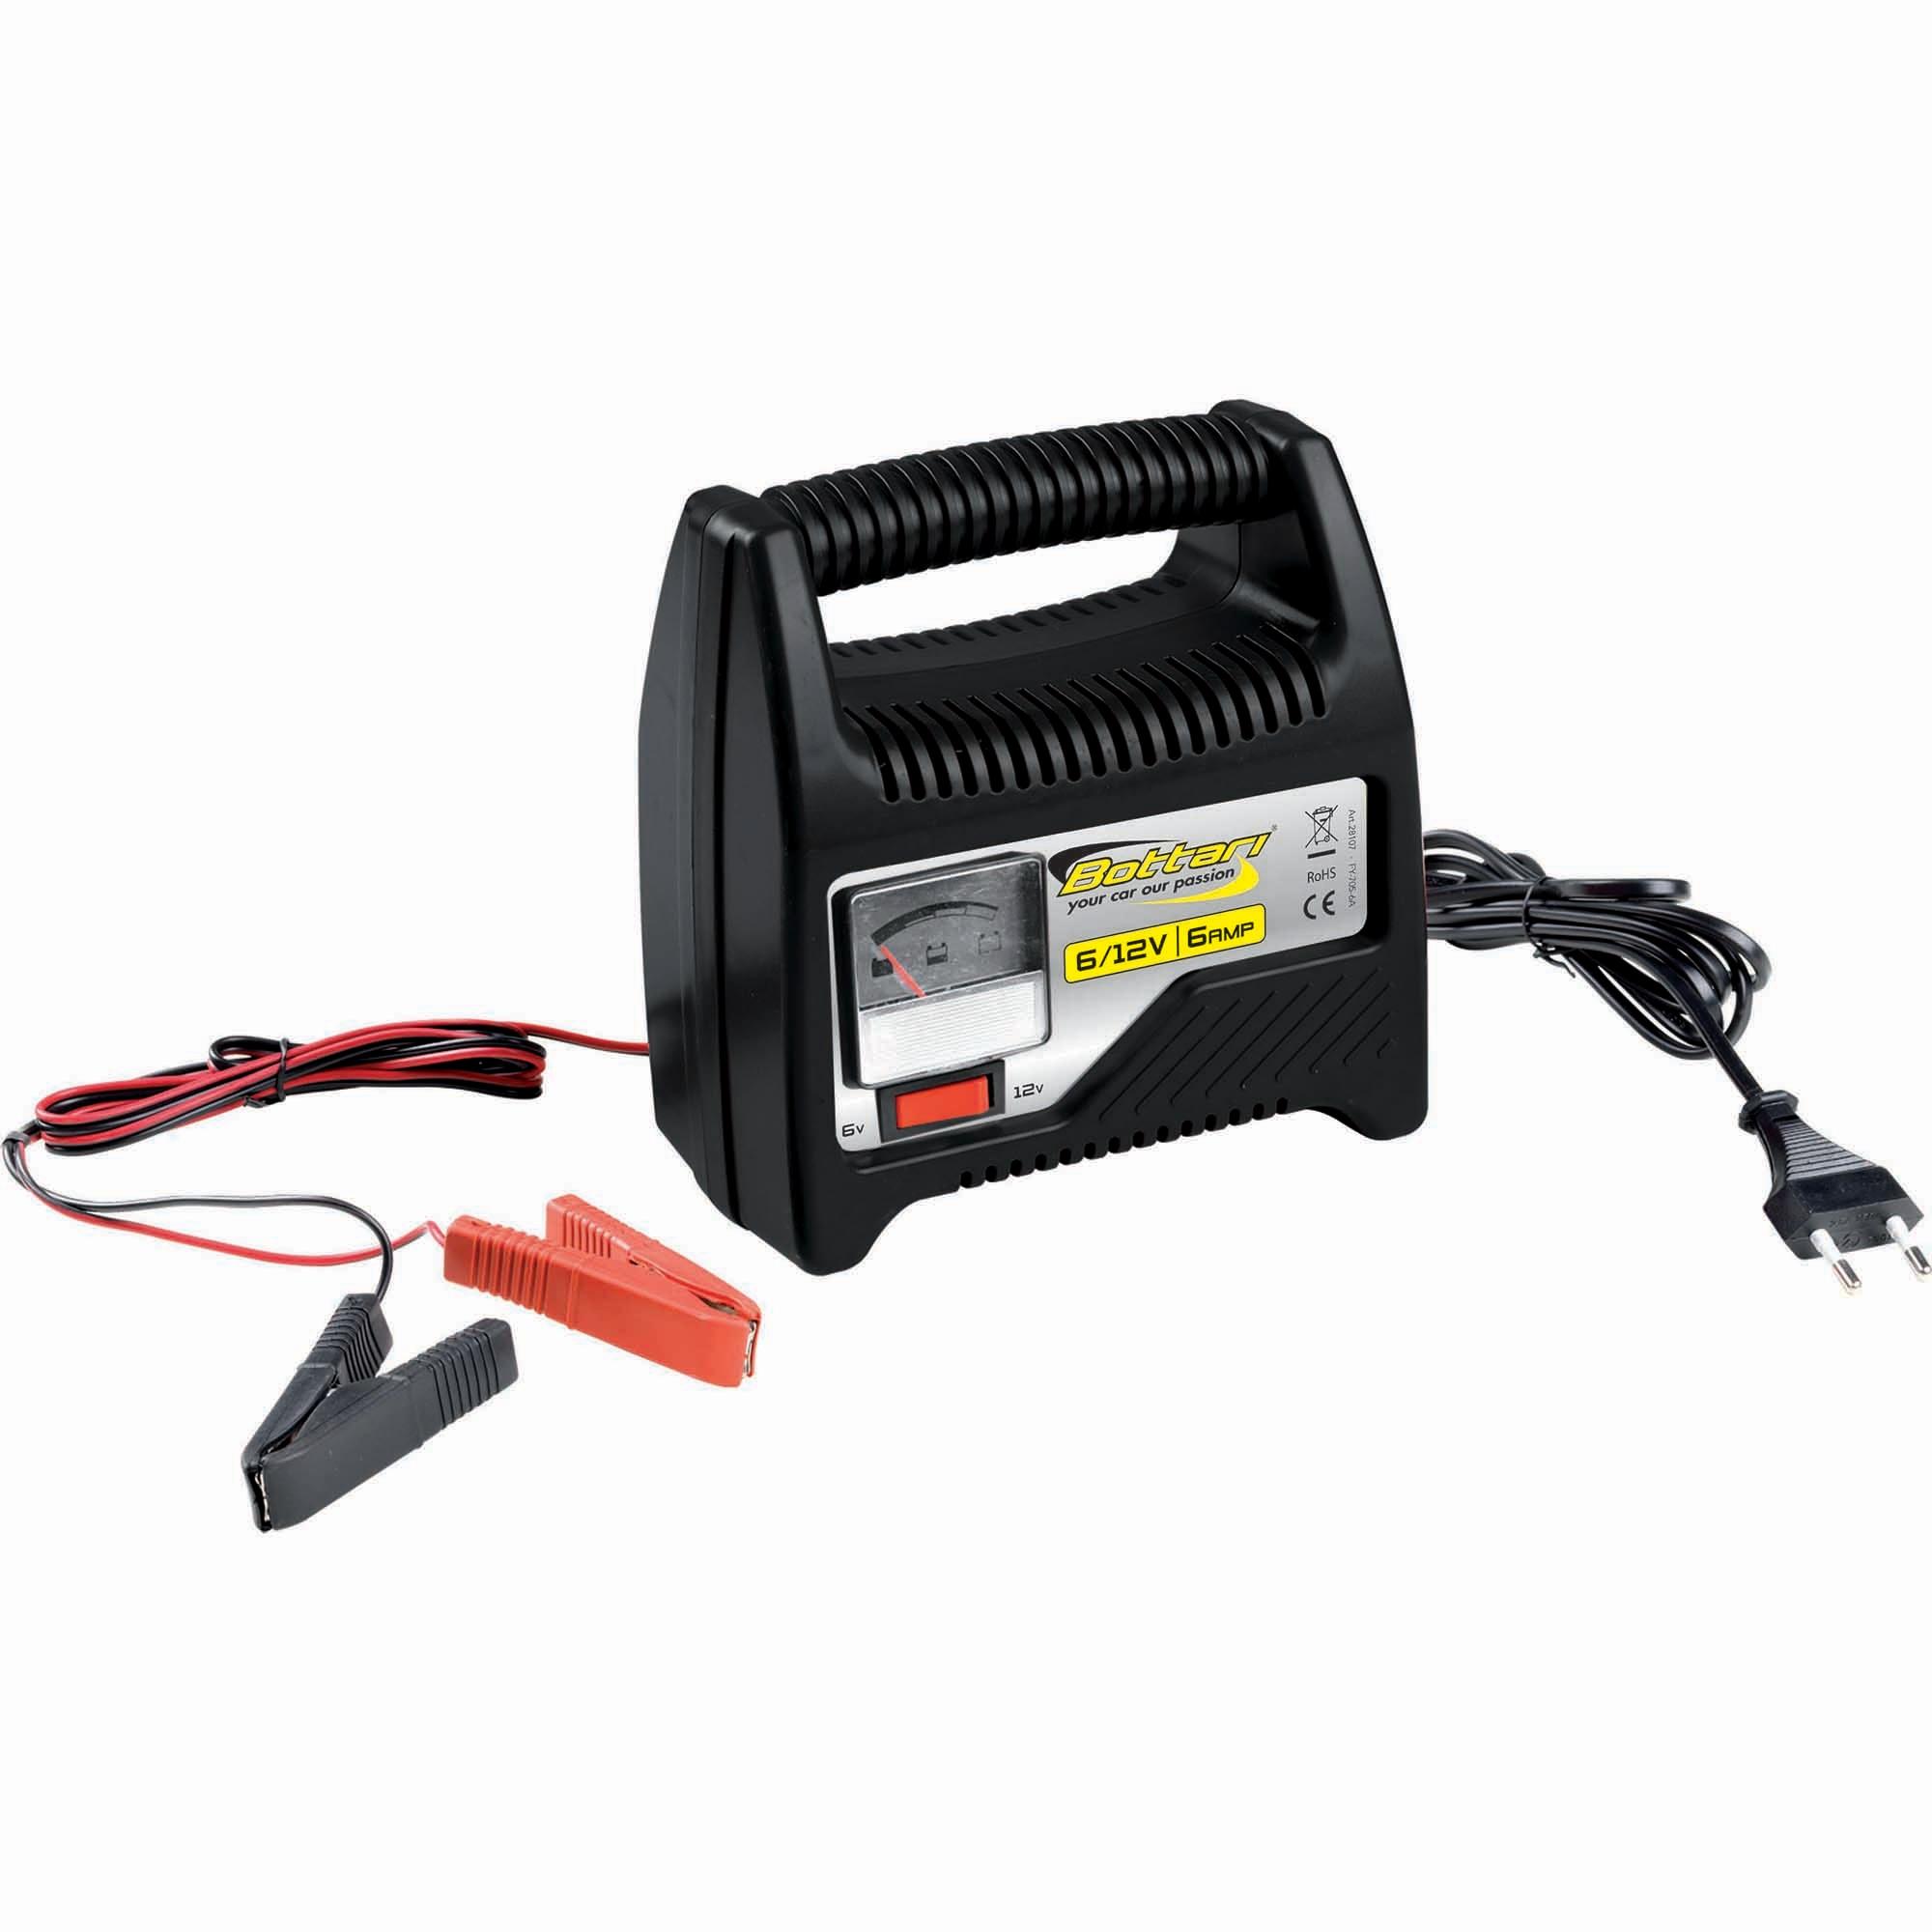 Fotografie Incarcator baterie cu ampermetru Bottari, 6A, 6V/12V